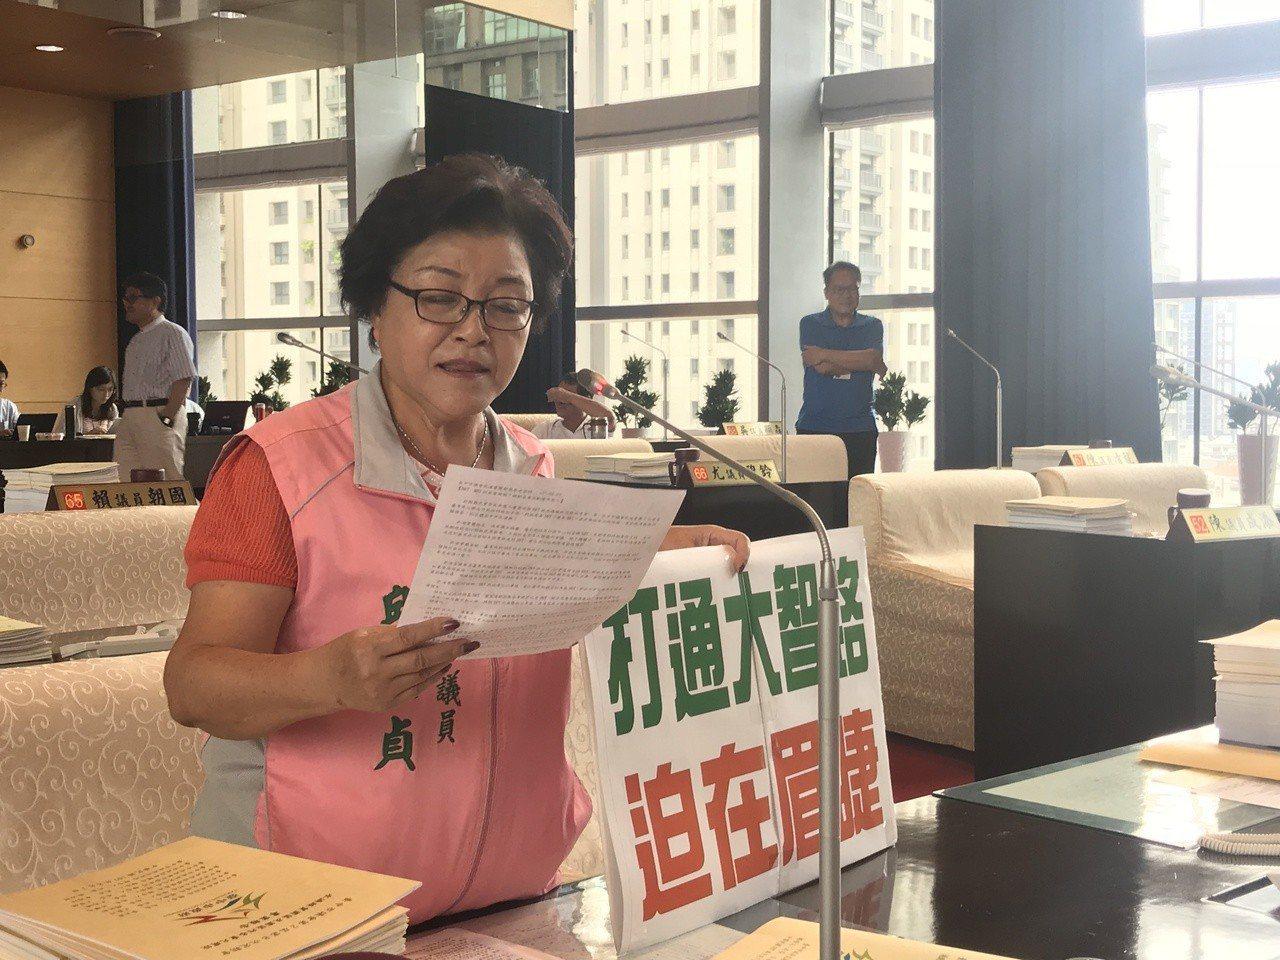 台中市議員邱素貞表示打通大智路迫在眉睫。記者陳秋雲/攝影